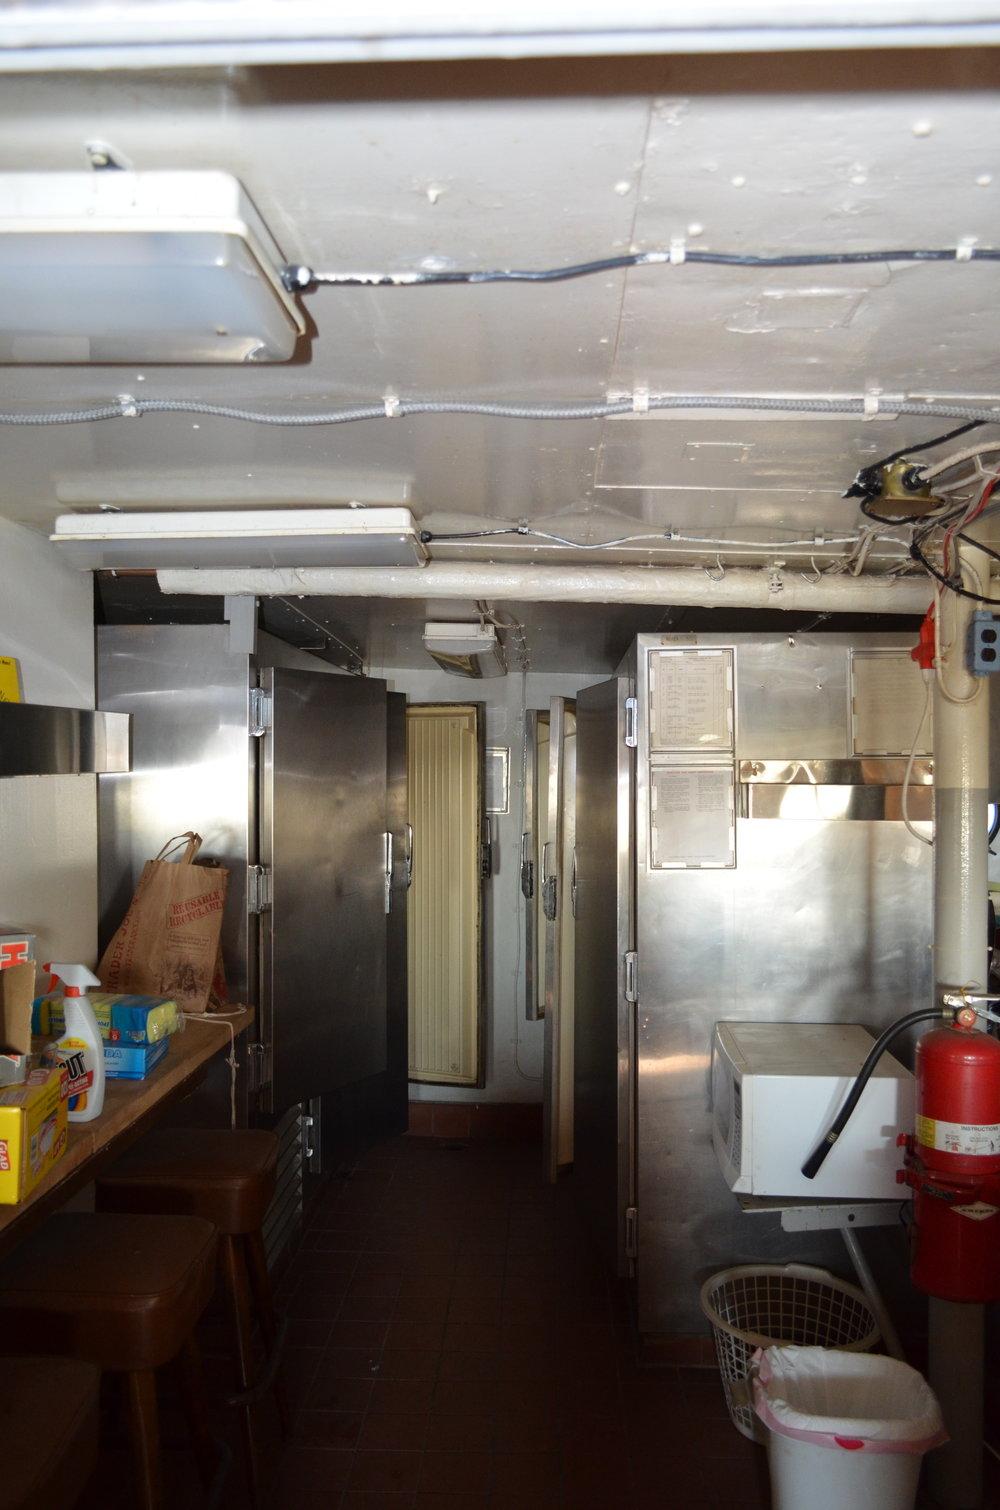 The refrigerator/freezer bay. Spring 2017.